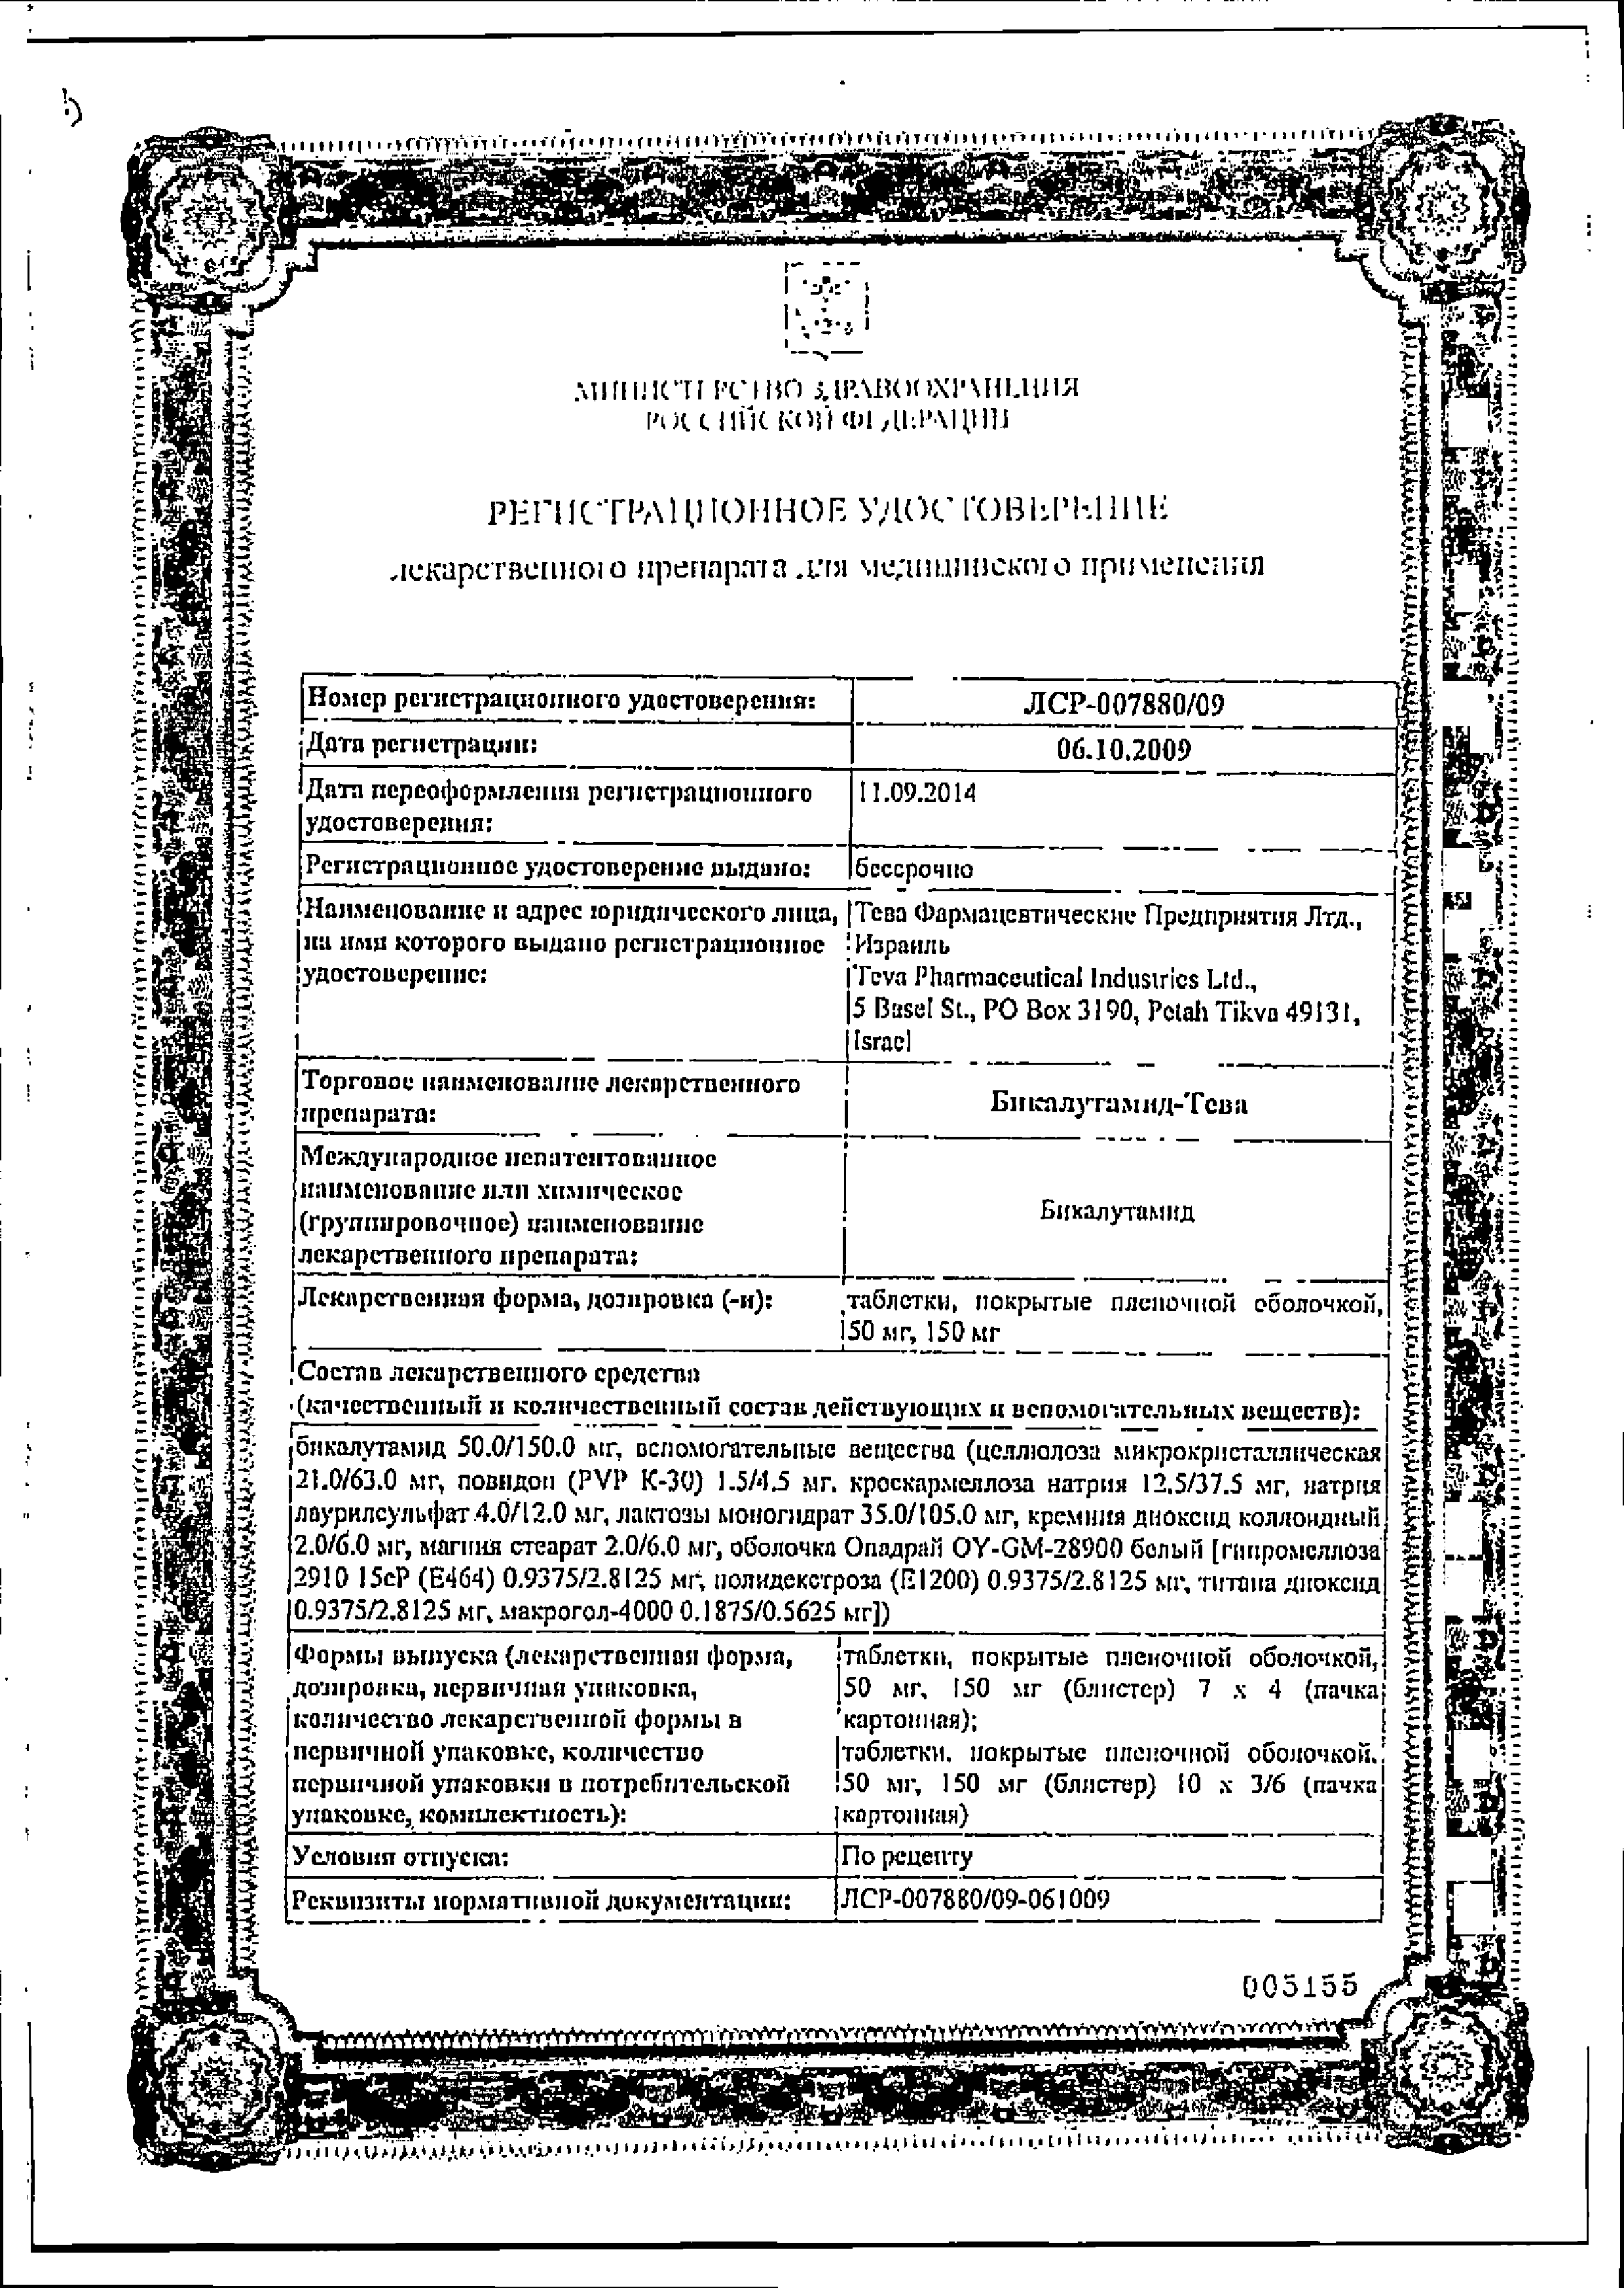 Бикалутамид-Тева сертификат